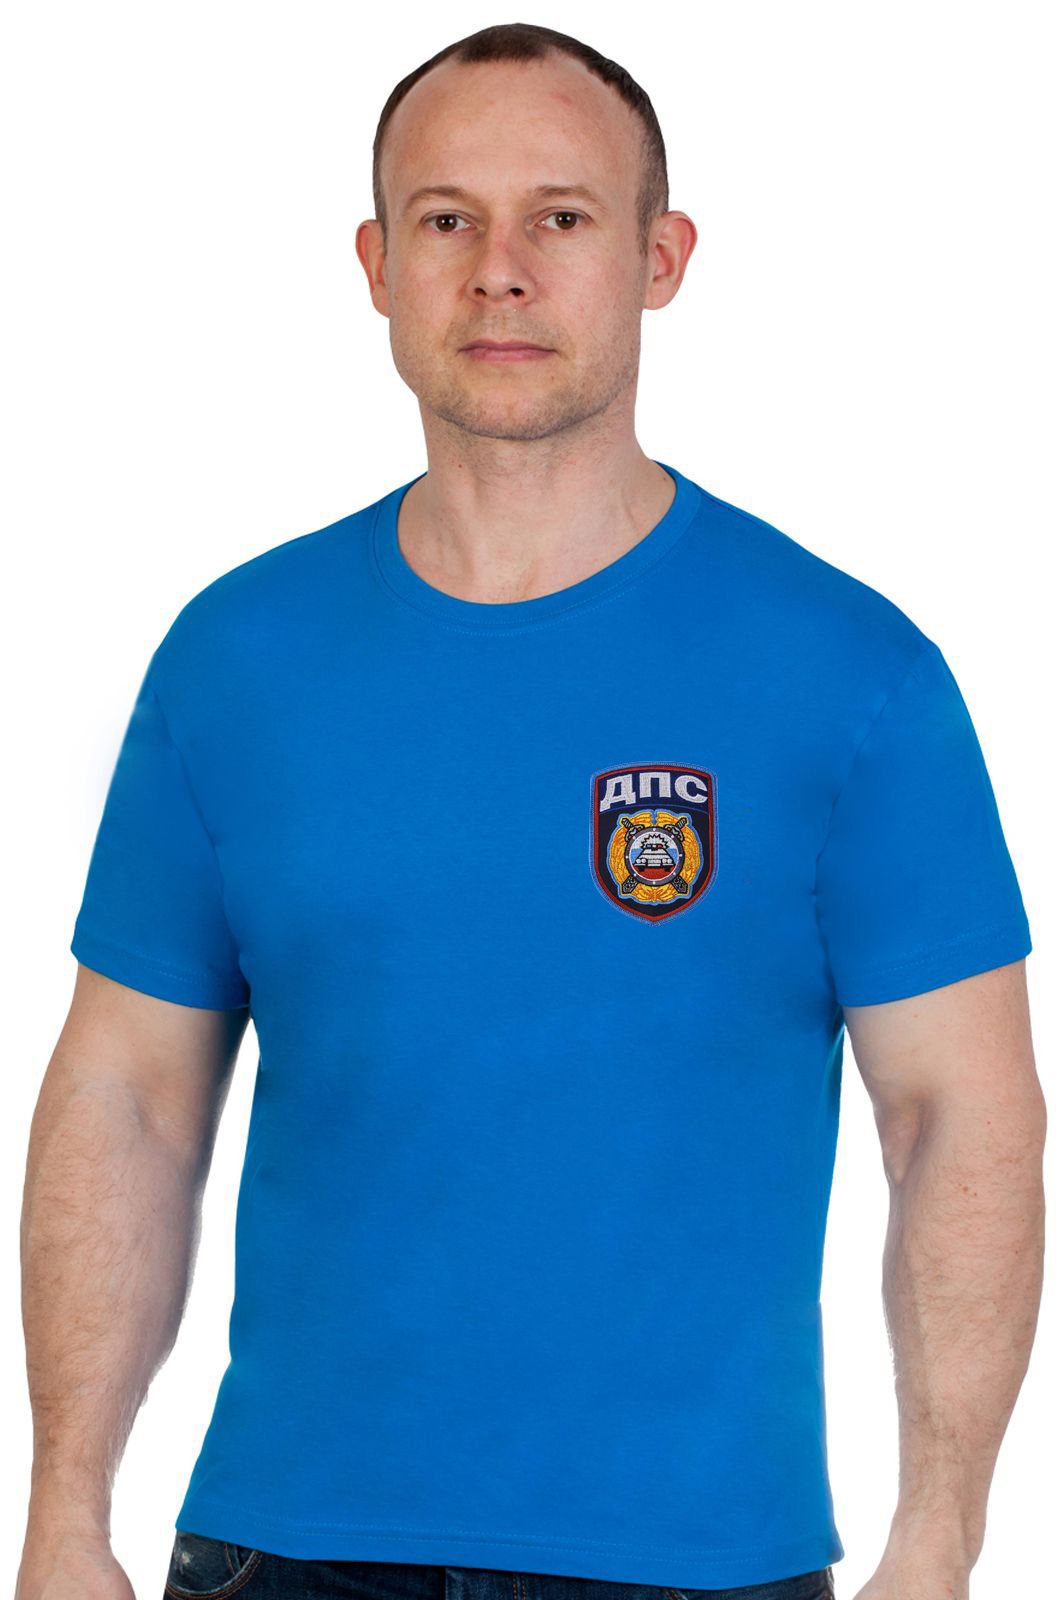 Купить сочно-синюю мужскую футболку ДПС по выгодной цене онлайн